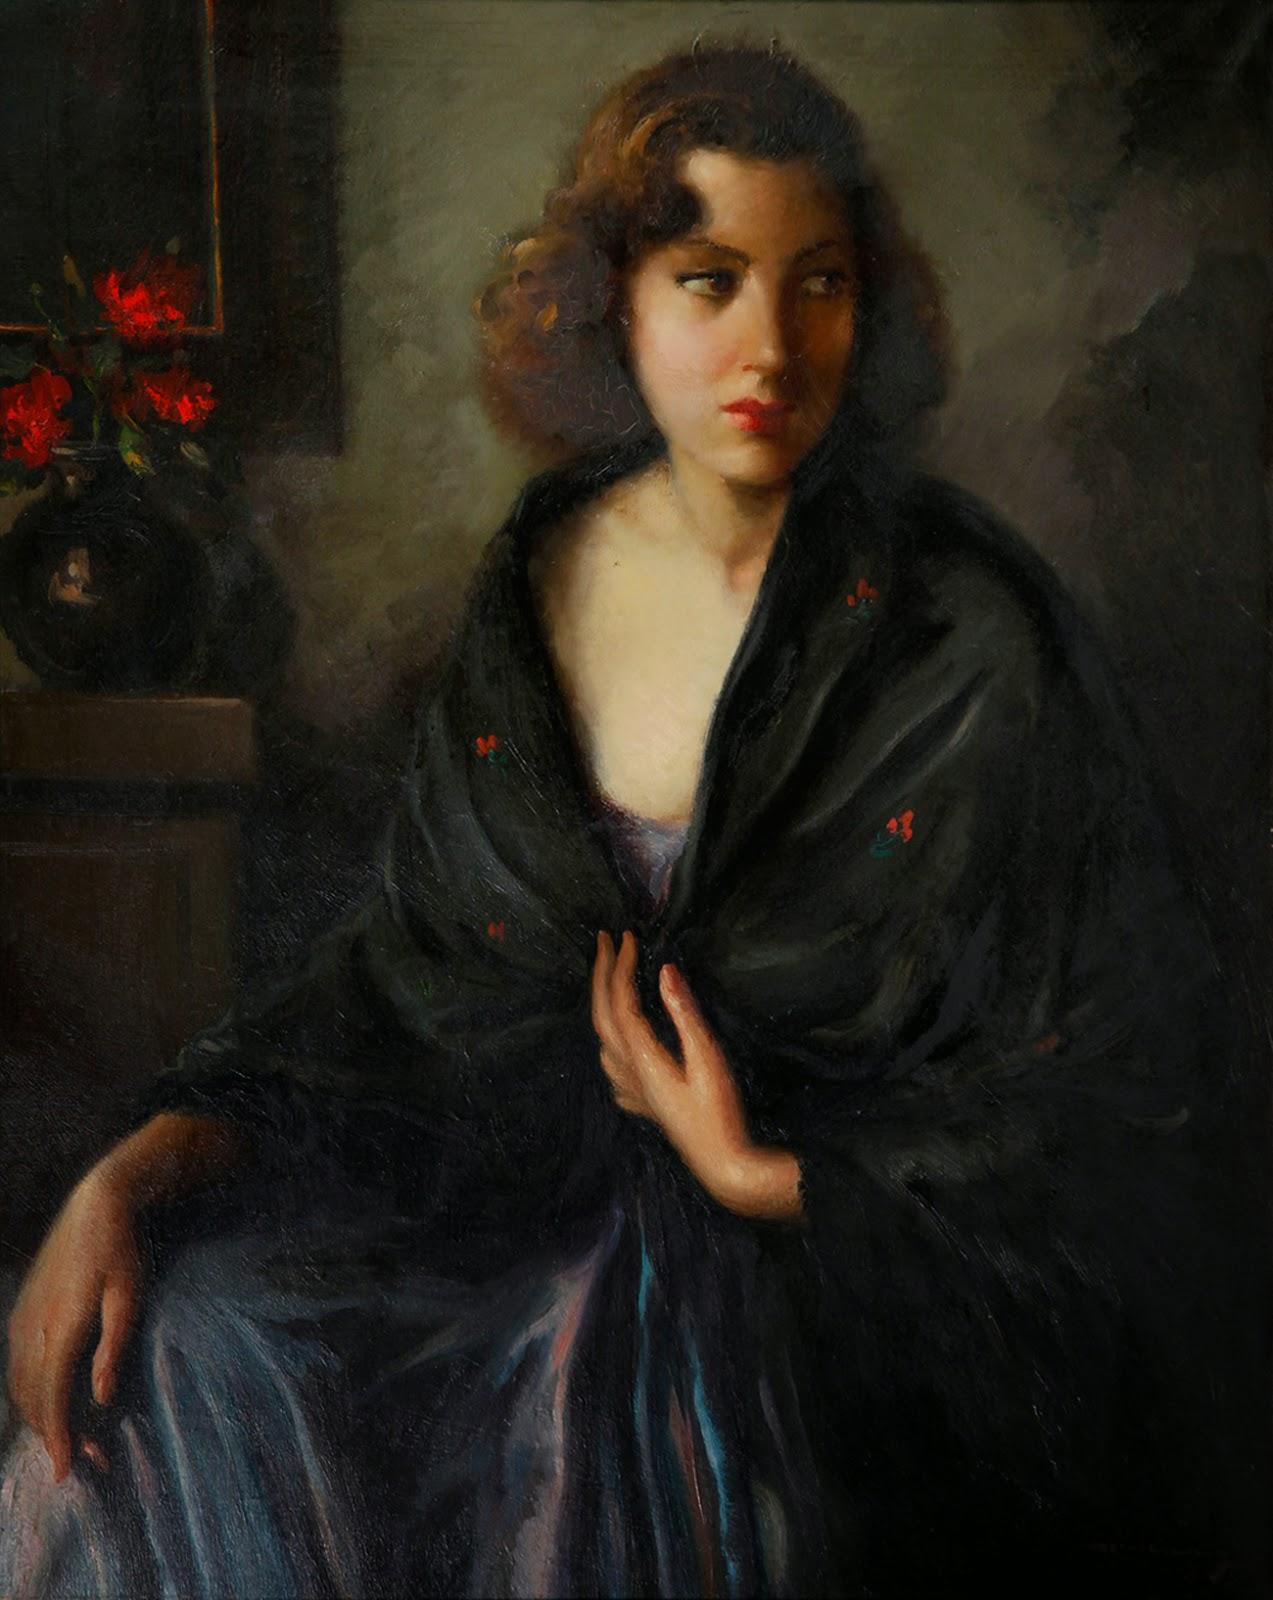 Joaquín Angulo García, Maestros españoles del retrato, Retratos de Joaquín Angulo García, Pintores españoles, Pintores de Sevilla